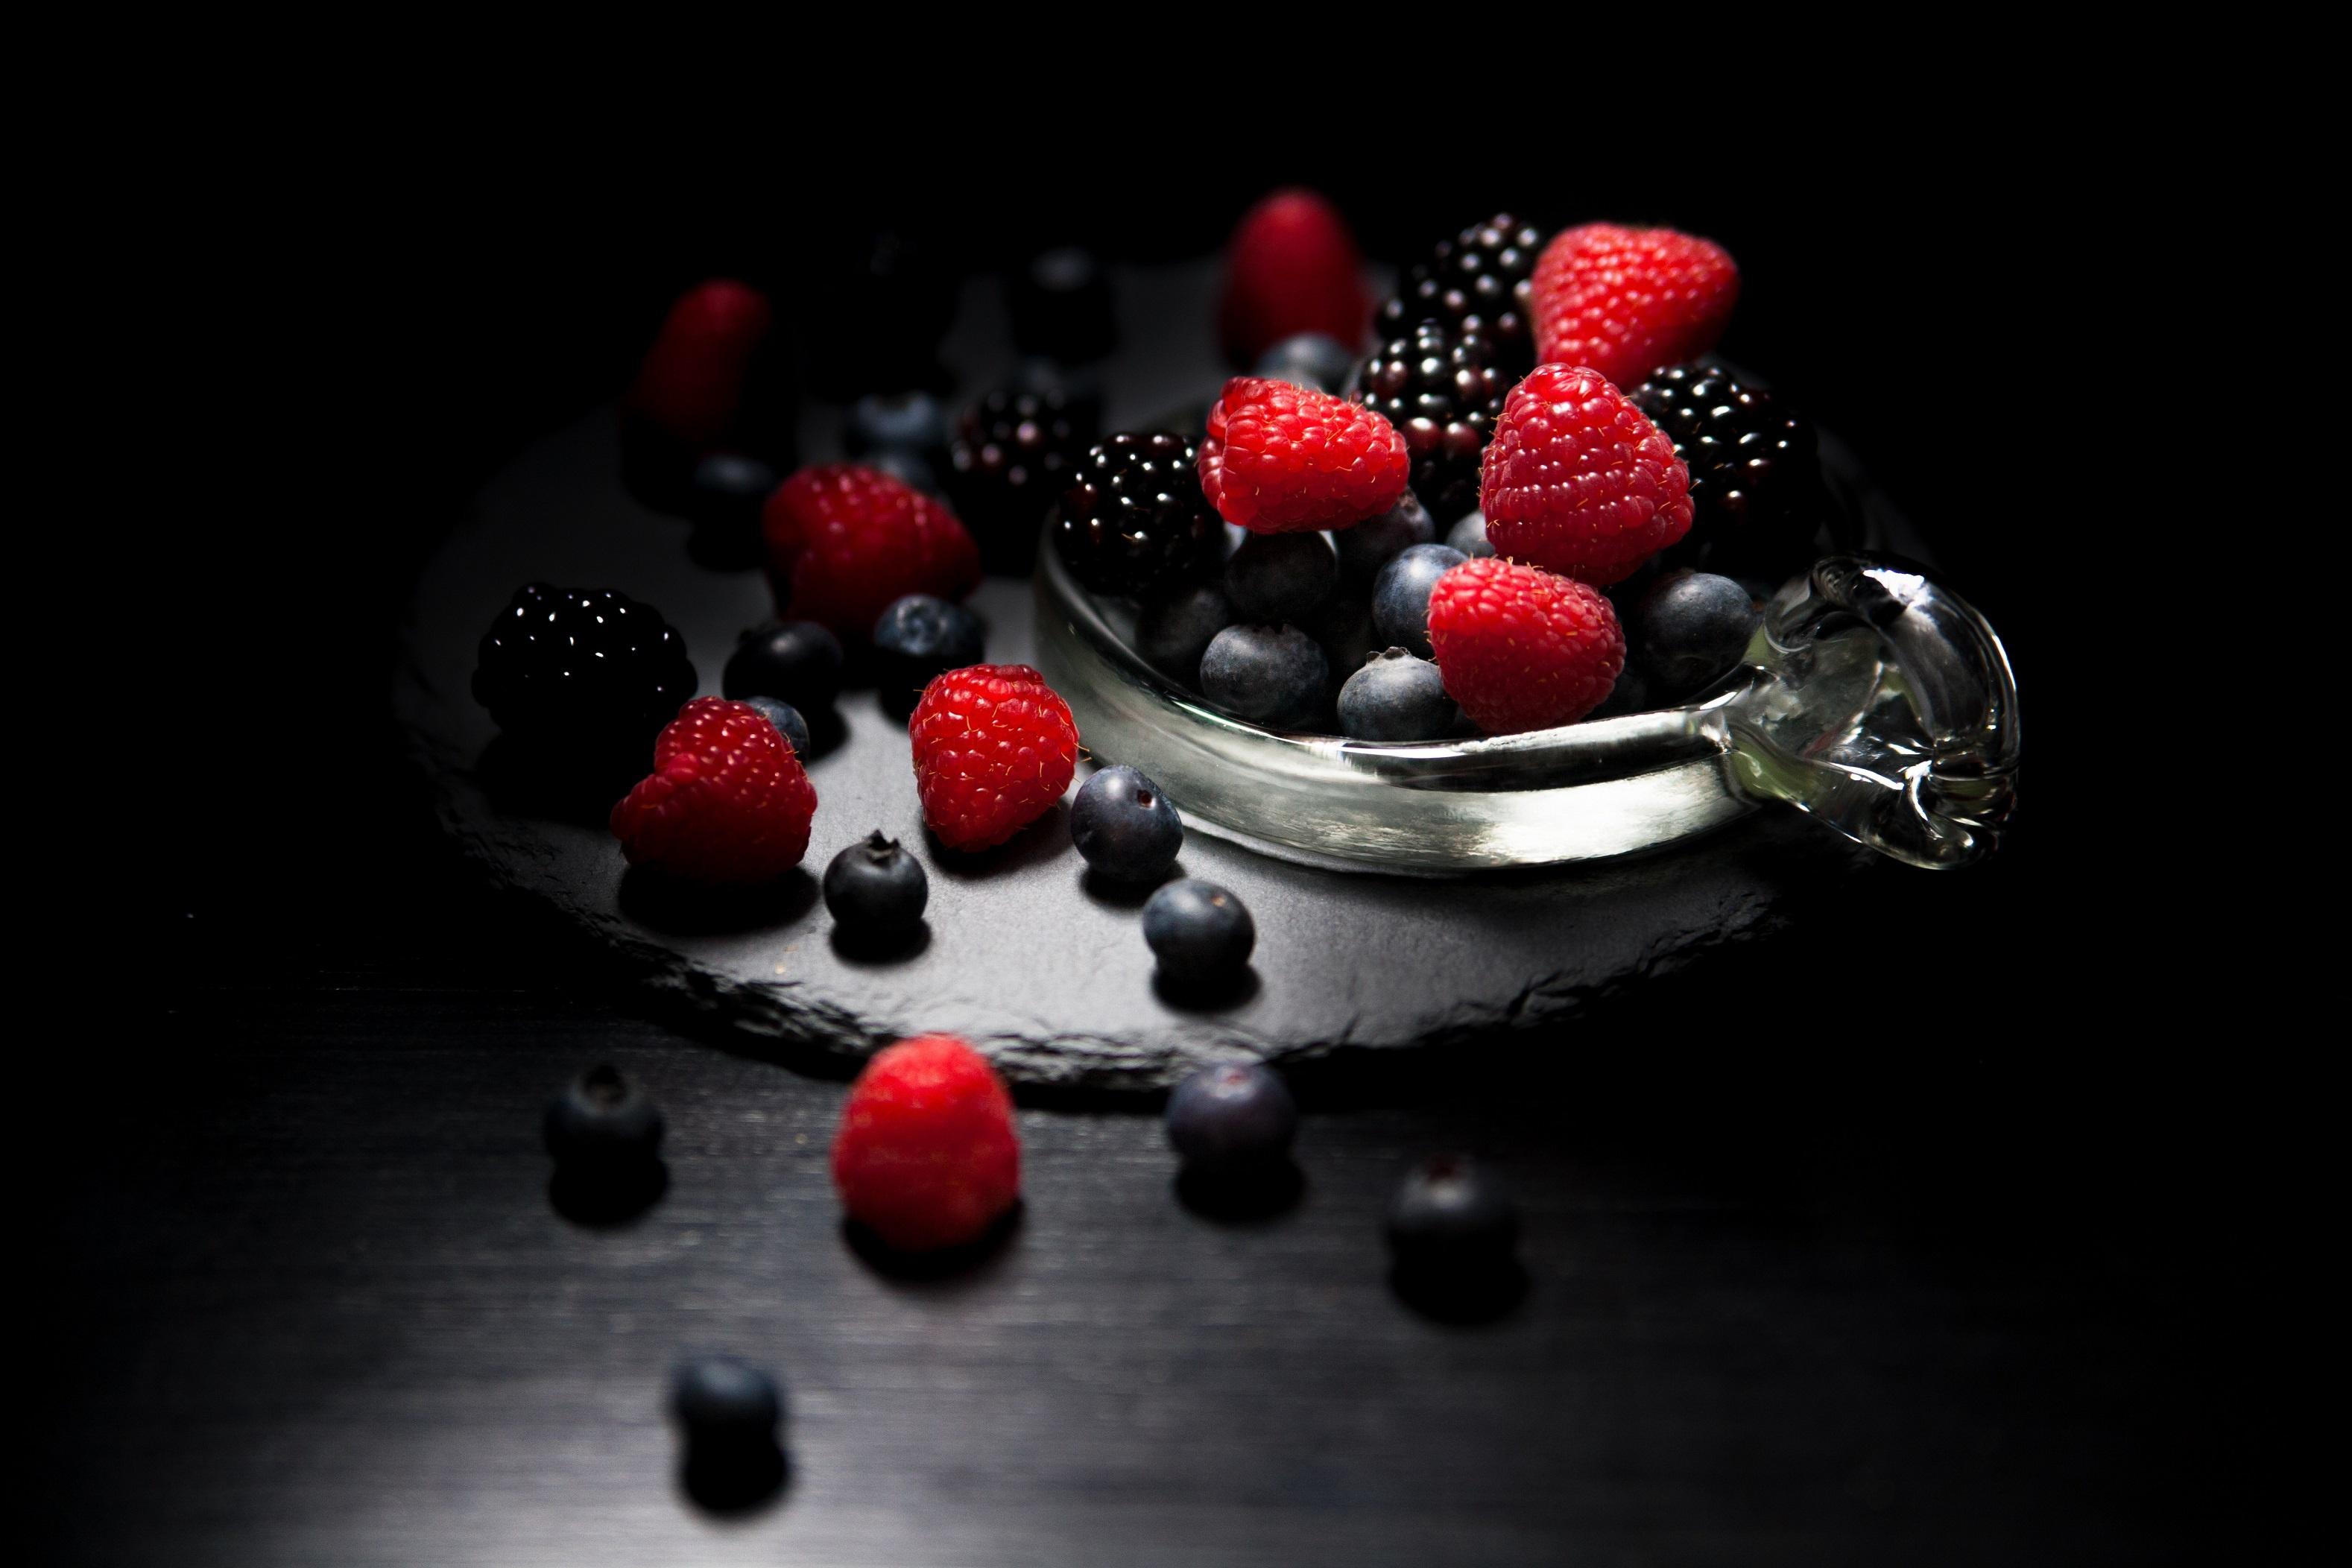 Картинки на телефон гламурные черные с красным ягоды